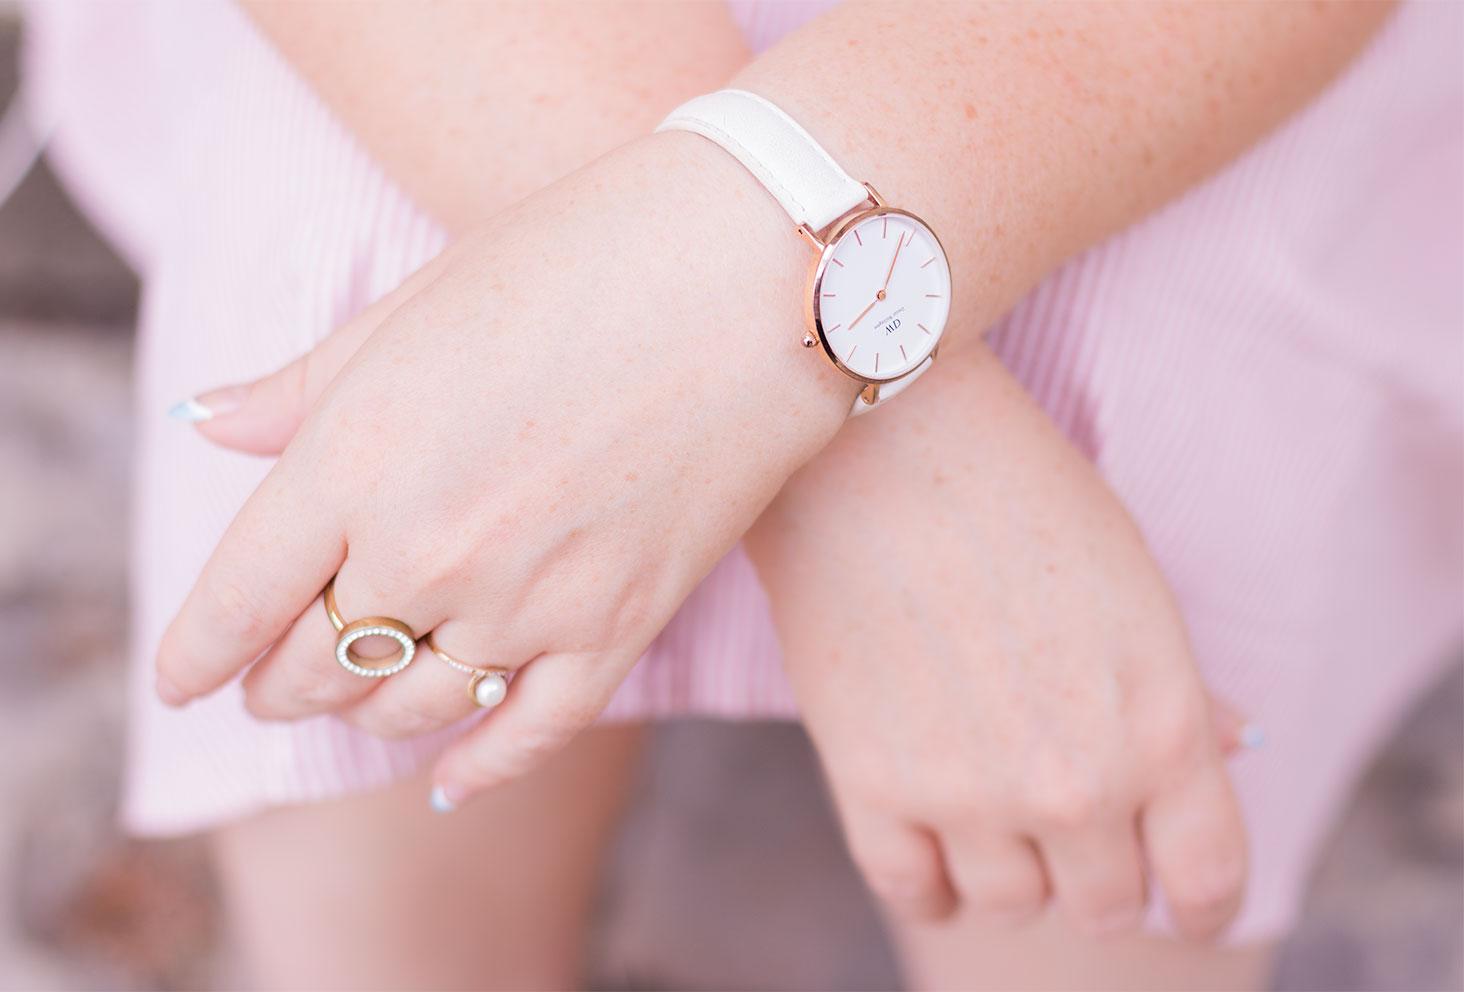 La montre Classic petite blanche de Daniel wellington portée